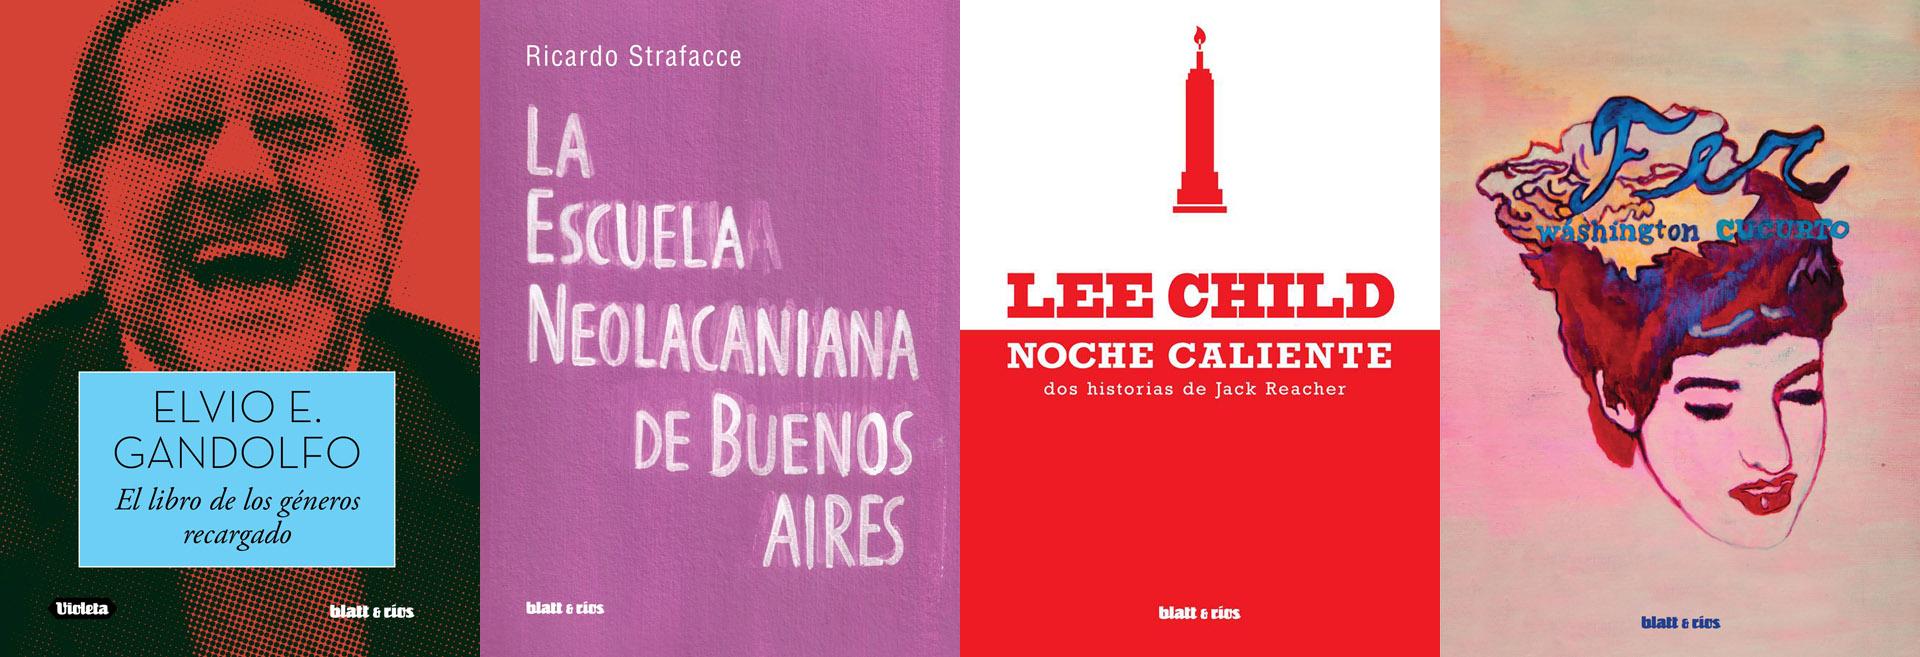 Elvio Gandolfo, Ricardo Strafacce, Jack Rreacher y Washington Cucurto en el catálogo de Blatt & Ríos